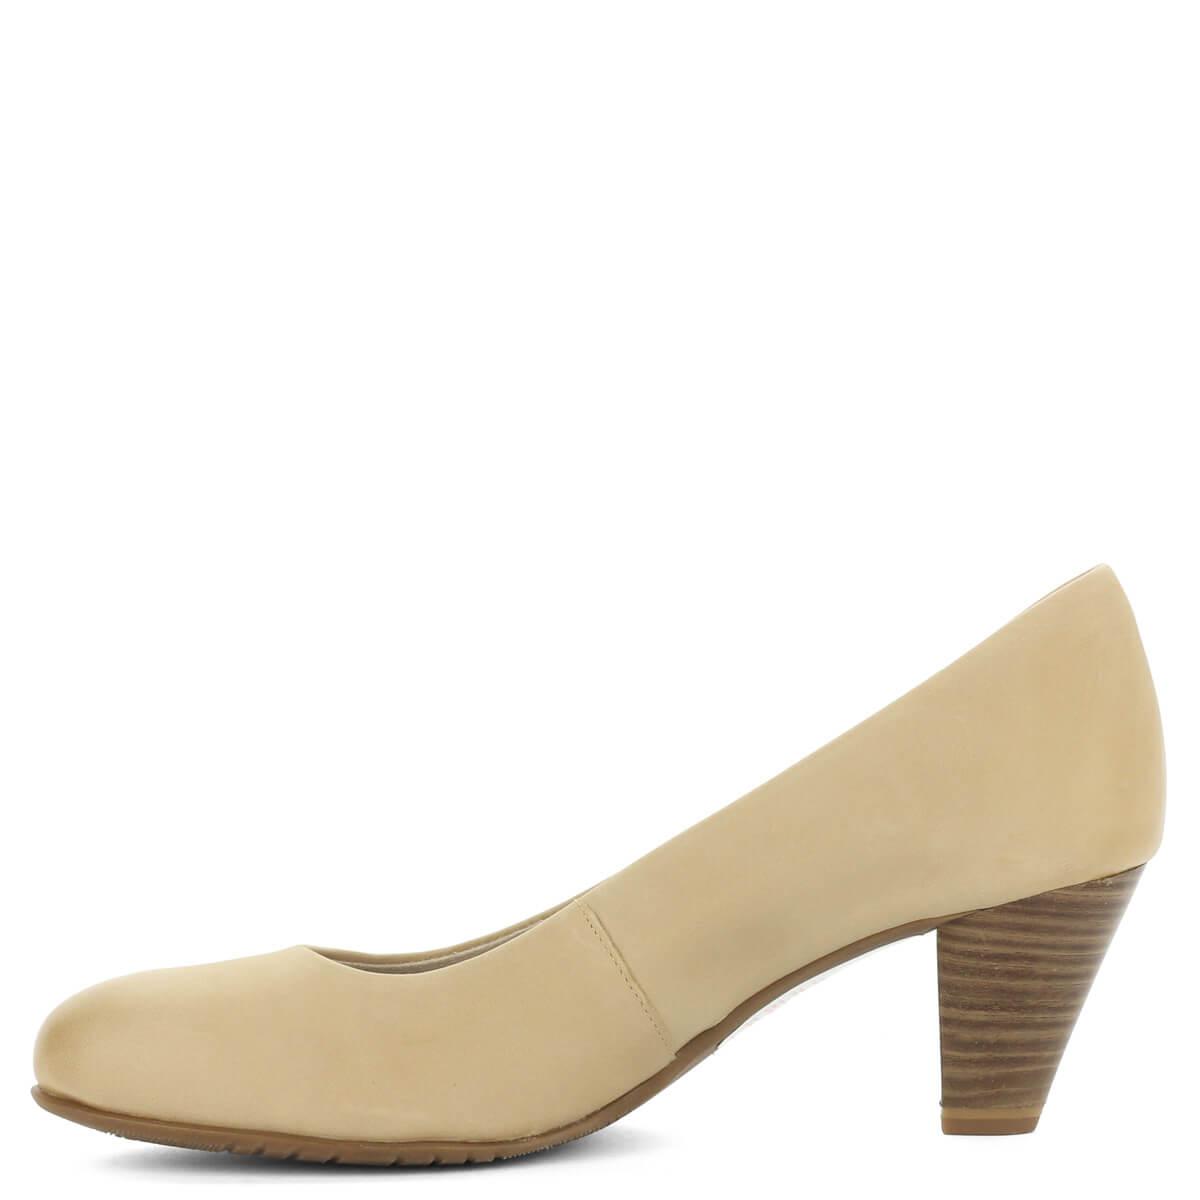 ... Bézs Tamaris cipő Antishokk sarokkal. Közepes magasságú (6 cm) sarokkal  készült 5e796ff1b7